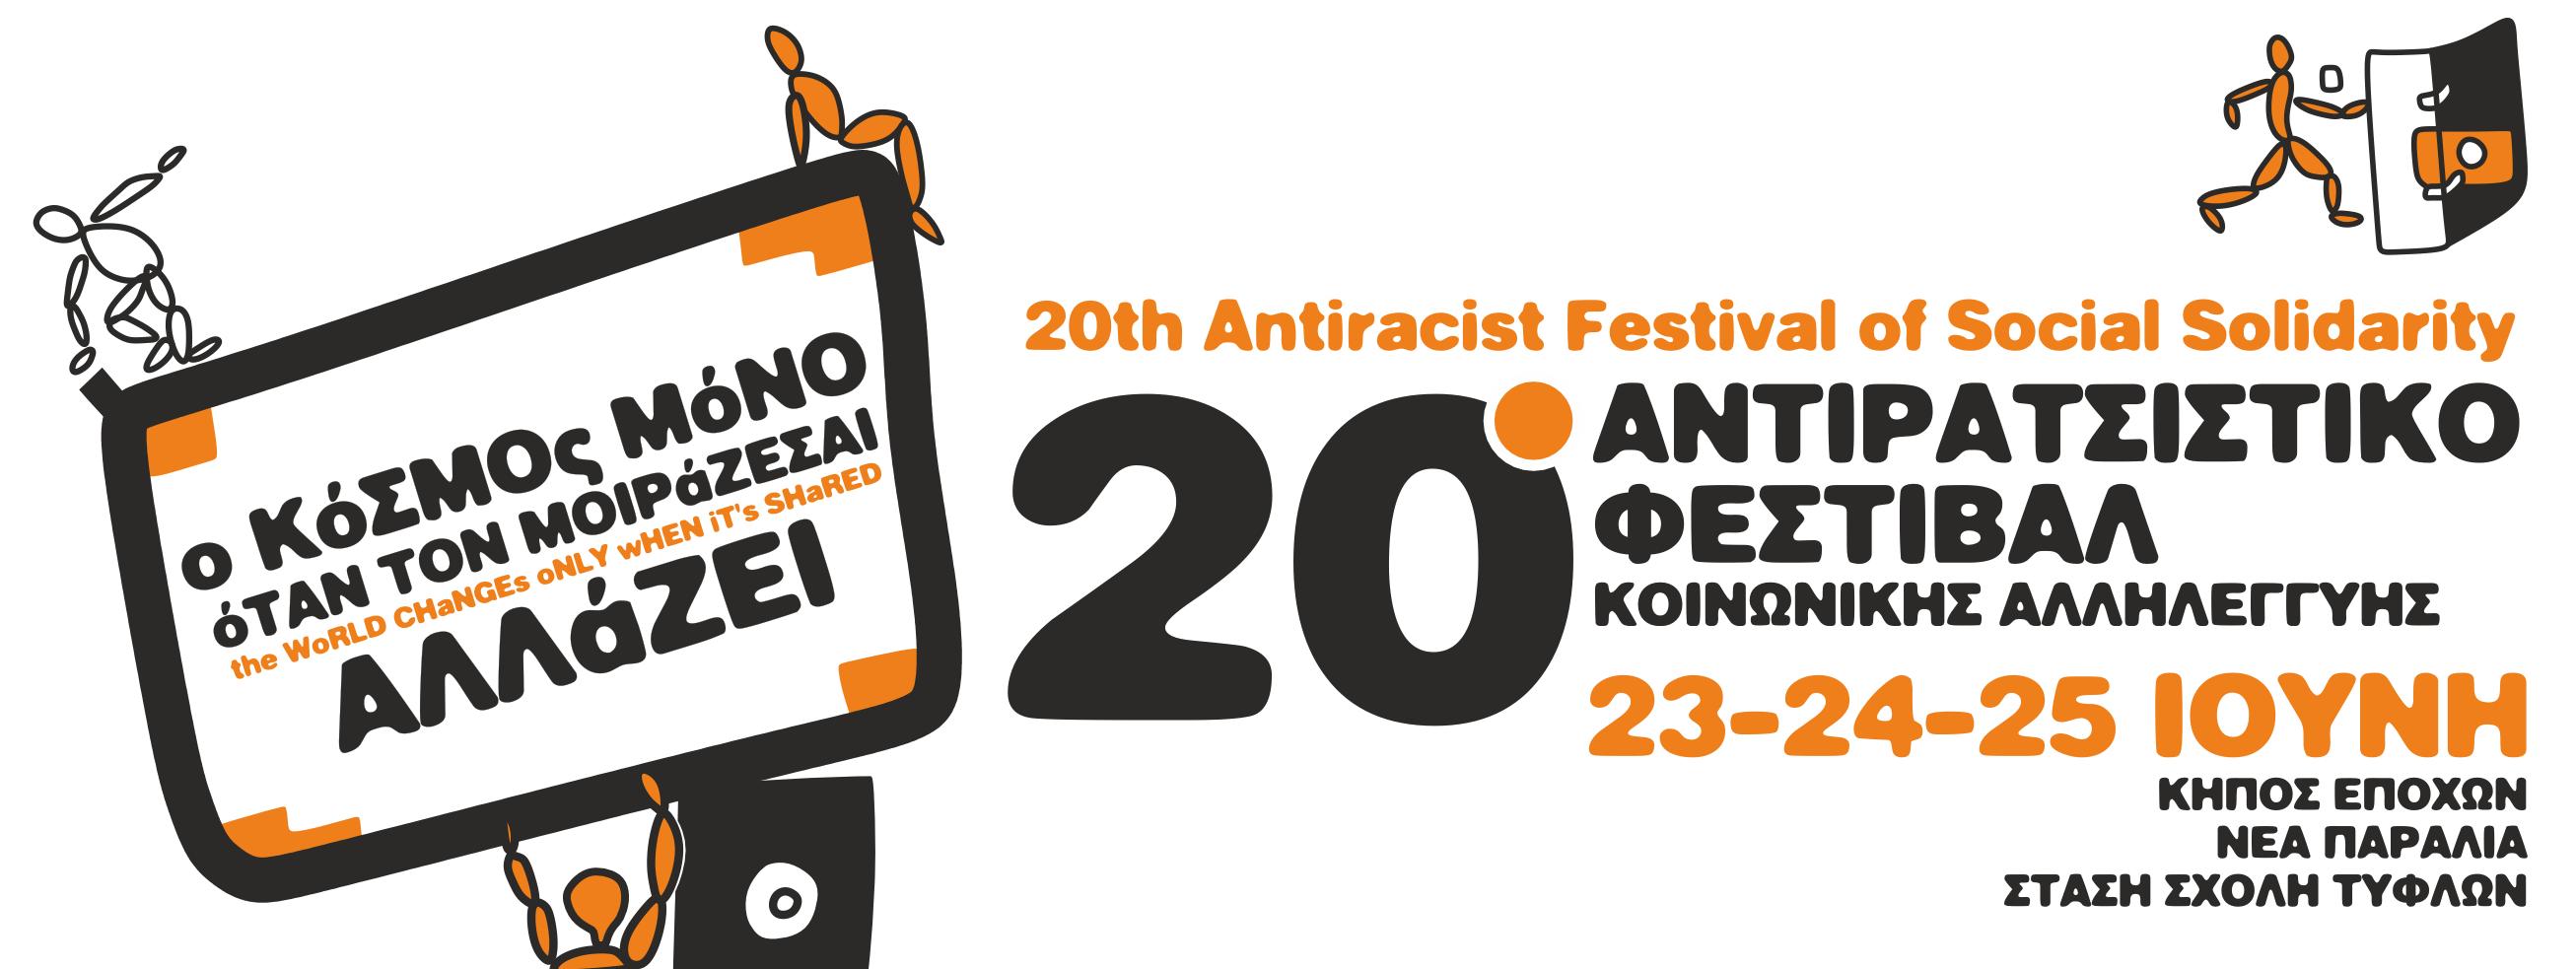 23-24-25 Ιουνίου 2017 | 20ο Αντιρατσιστικό Φεστιβάλ Κοινωνικής Αλληλεγγύης Θεσσαλονίκης